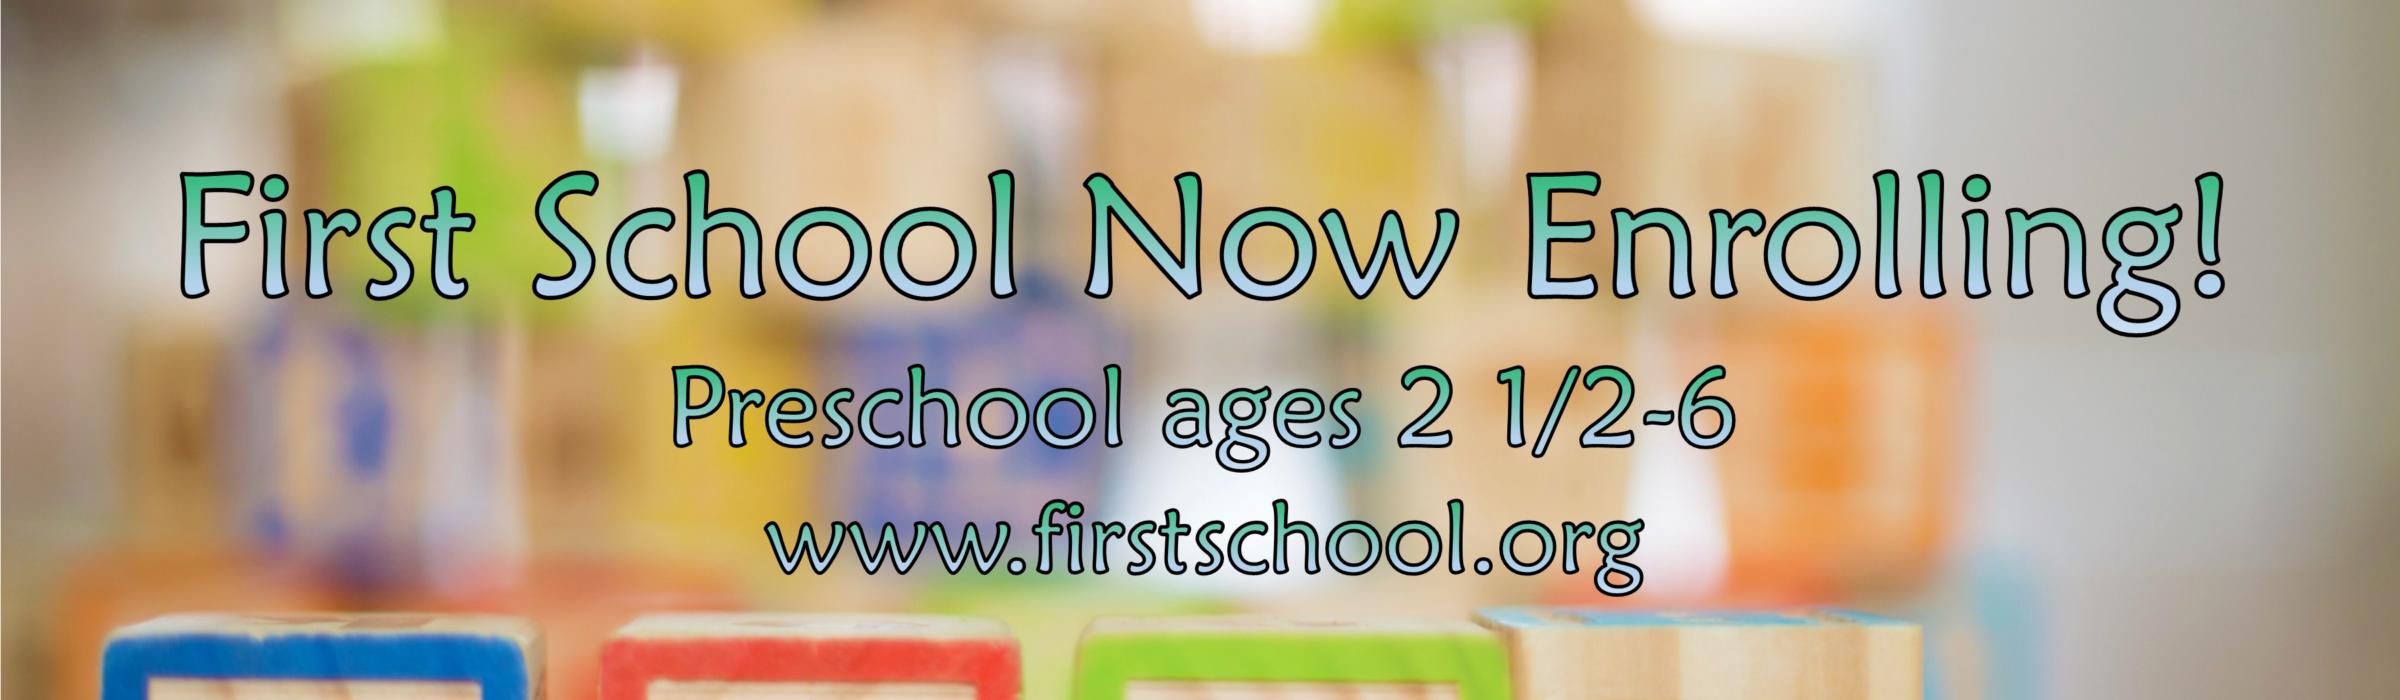 FirstSchoolBanner